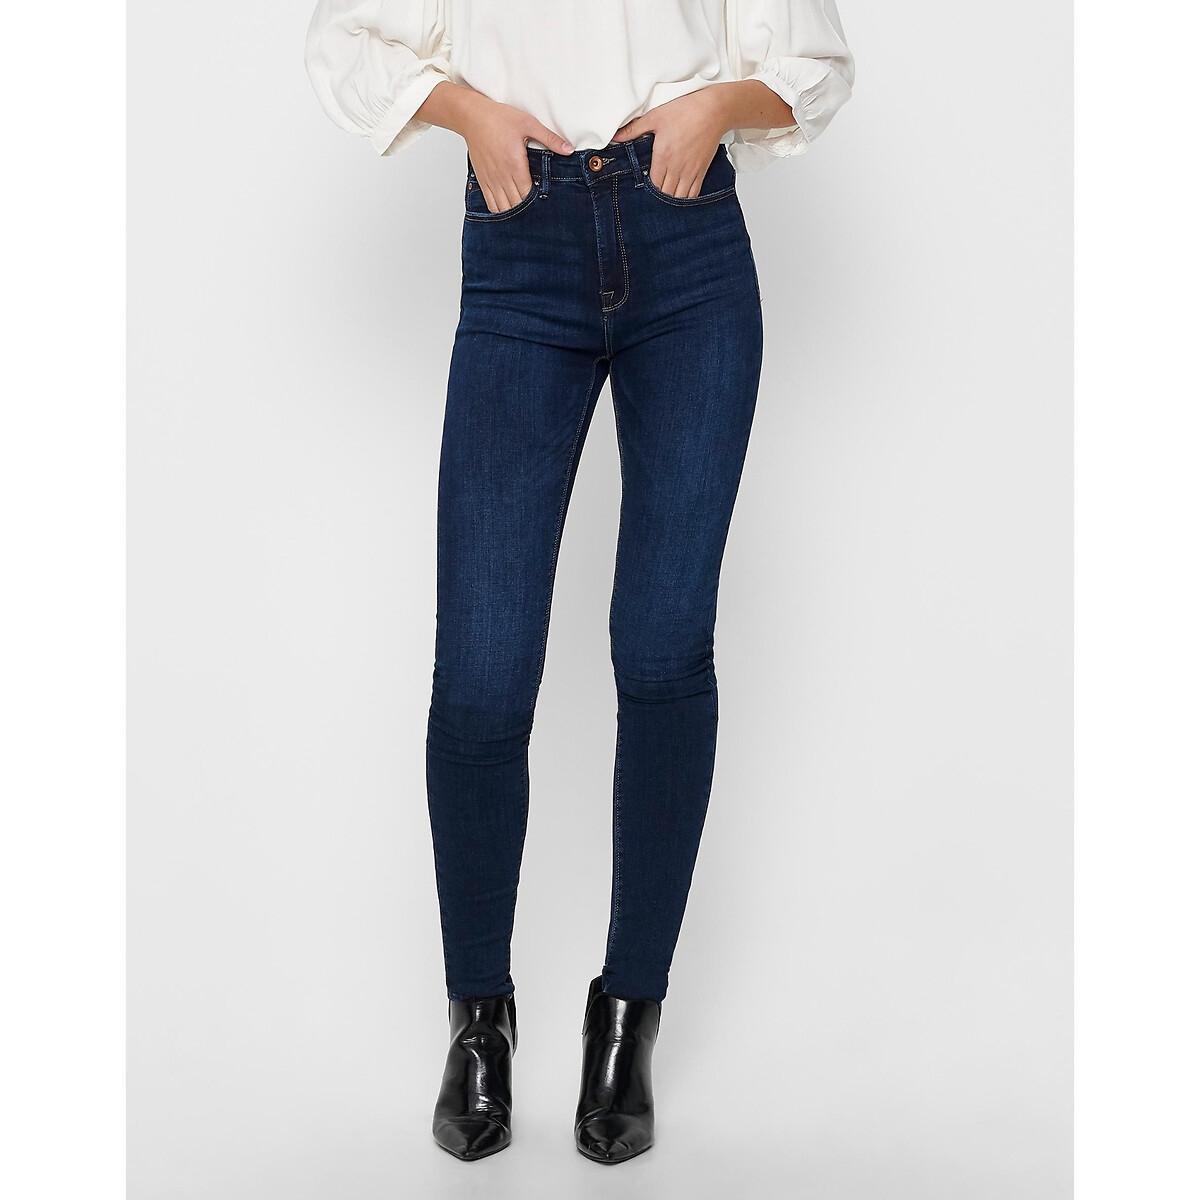 Фото - Джинсы LaRedoute Скинни с завышенной талией L / длина 32 синий джинсы laredoute скинни длина 30 s черный